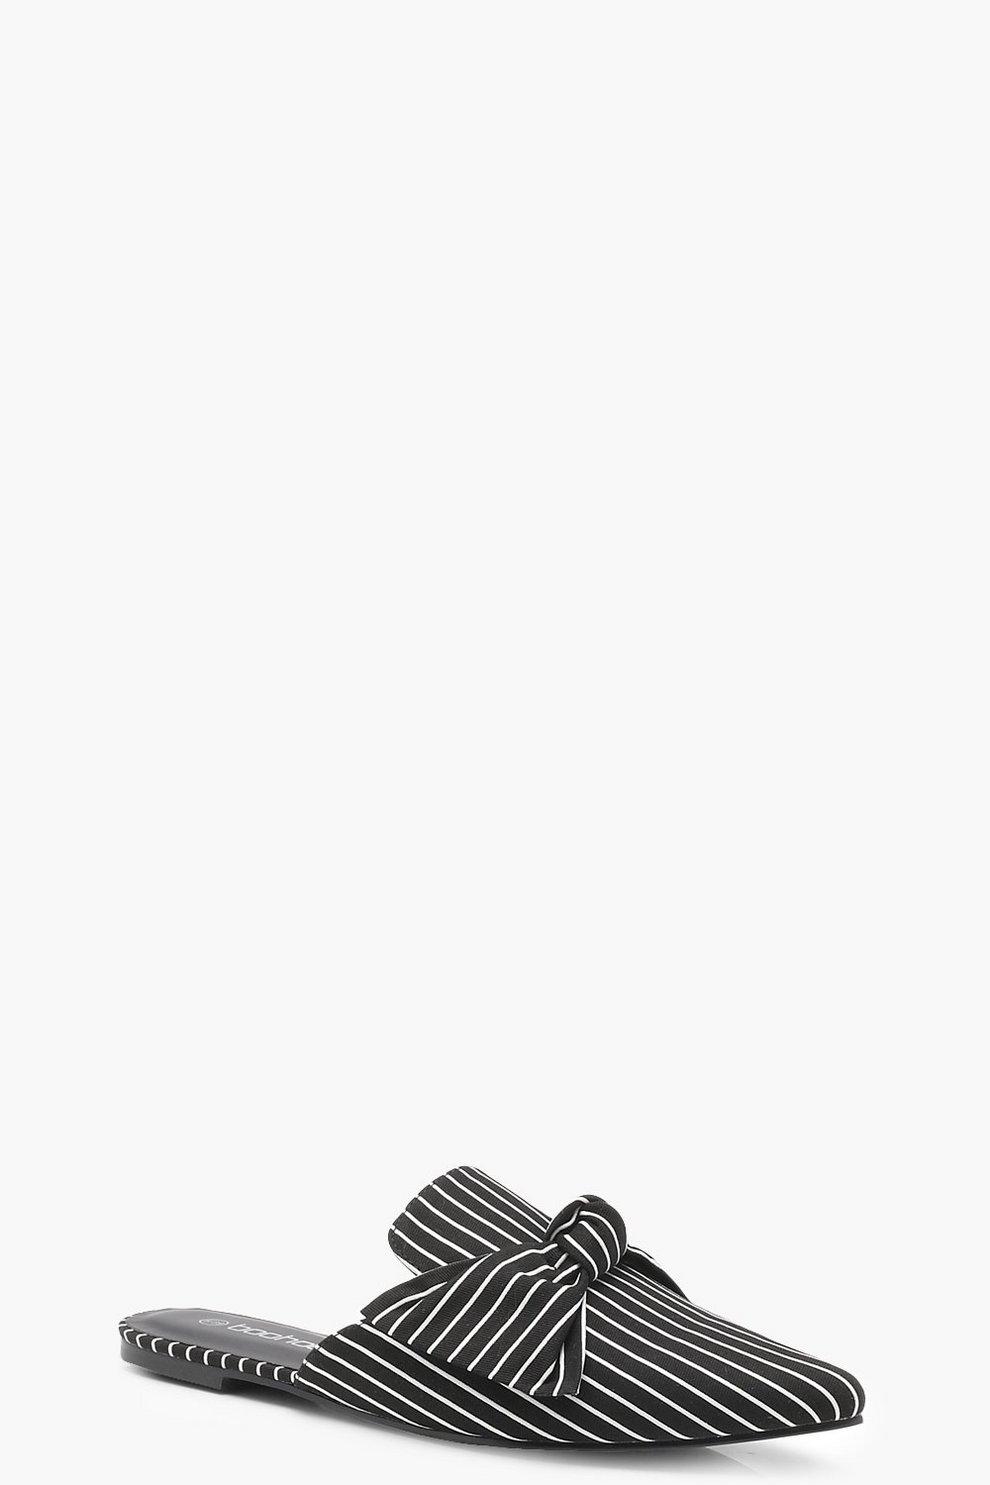 Con El Envío Libre Paypal Mule a punta con righine sottili e fiocco davanti Precio Barato Al Por Mayor En Línea 100% Original Imágenes En Línea HIW3Q